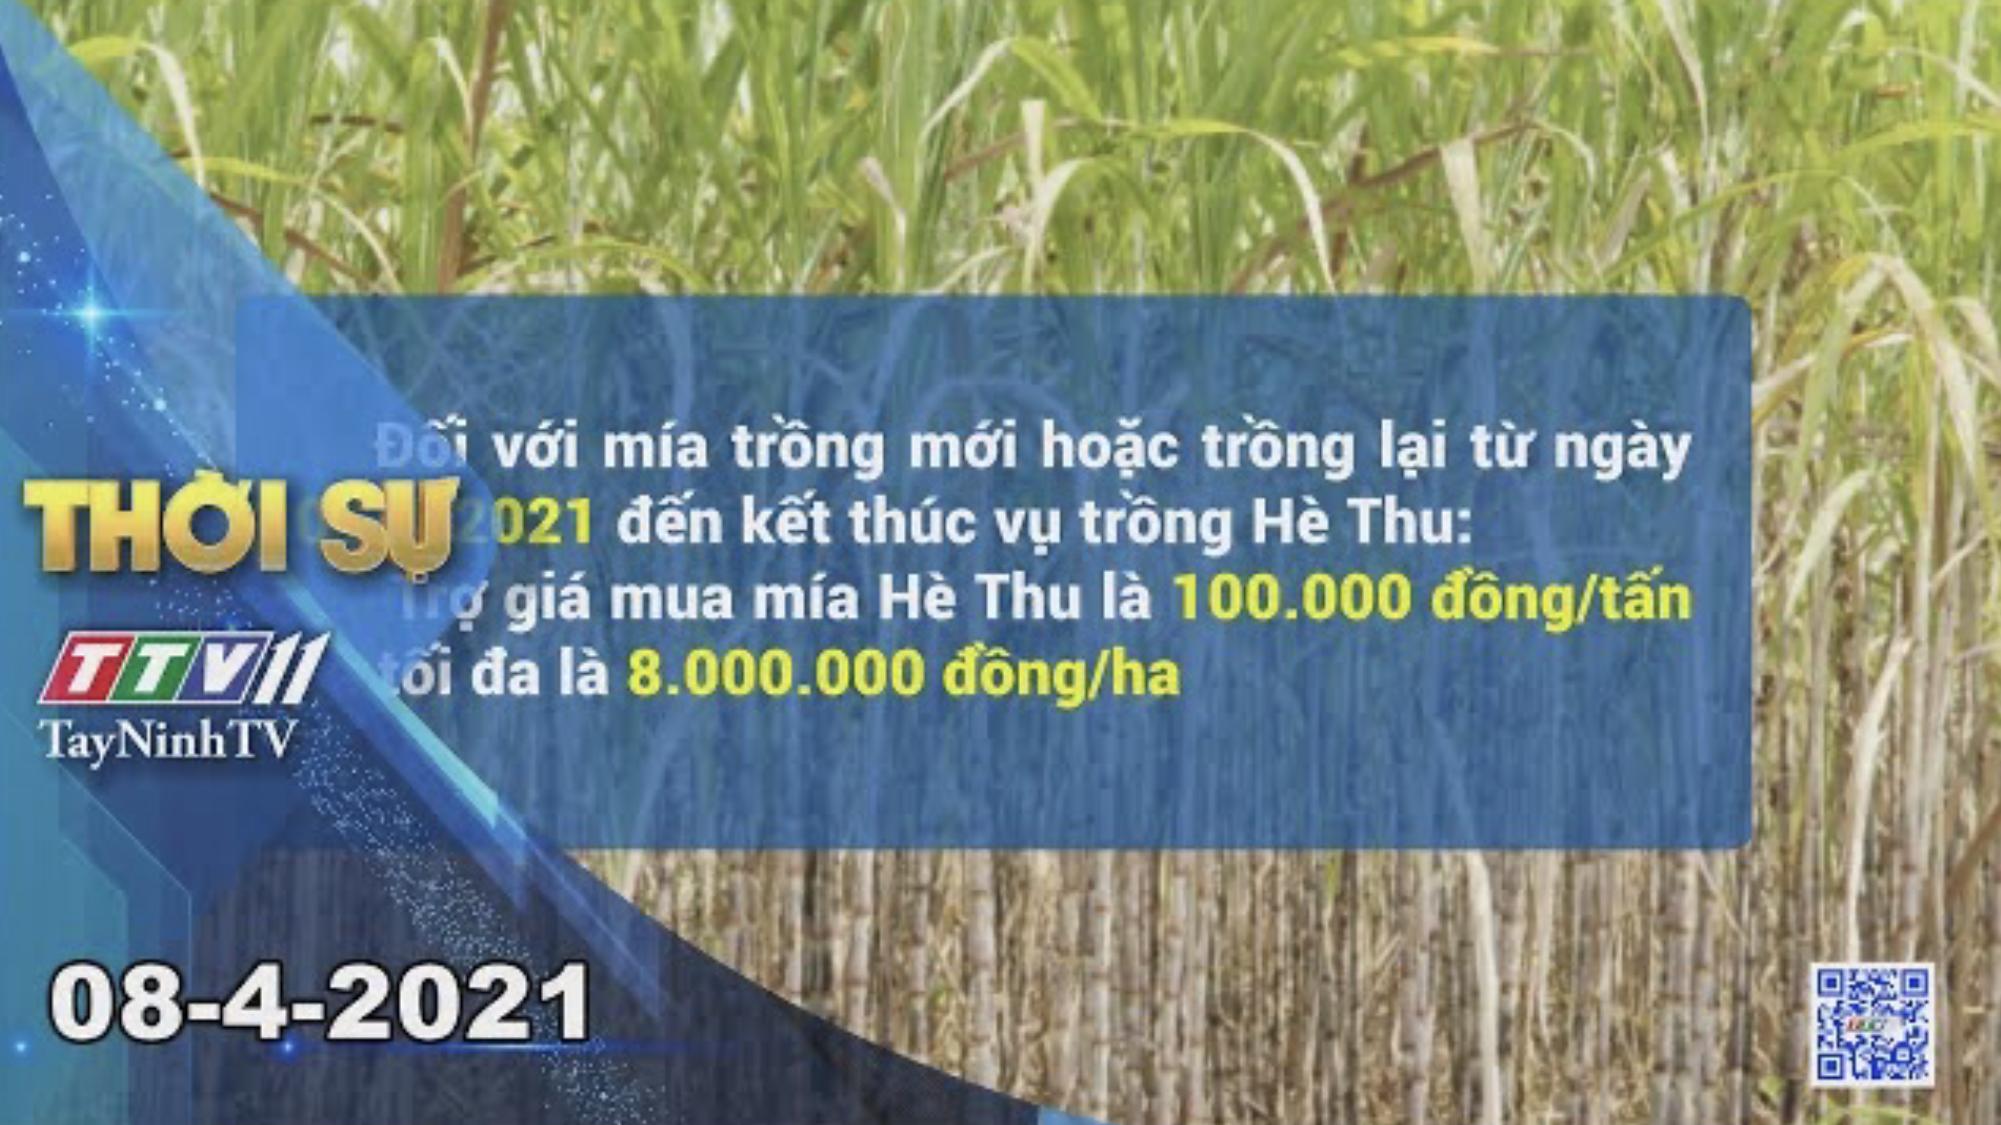 Thời sự Tây Ninh 08-4-2021 | Tin tức hôm nay | TayNinhTV